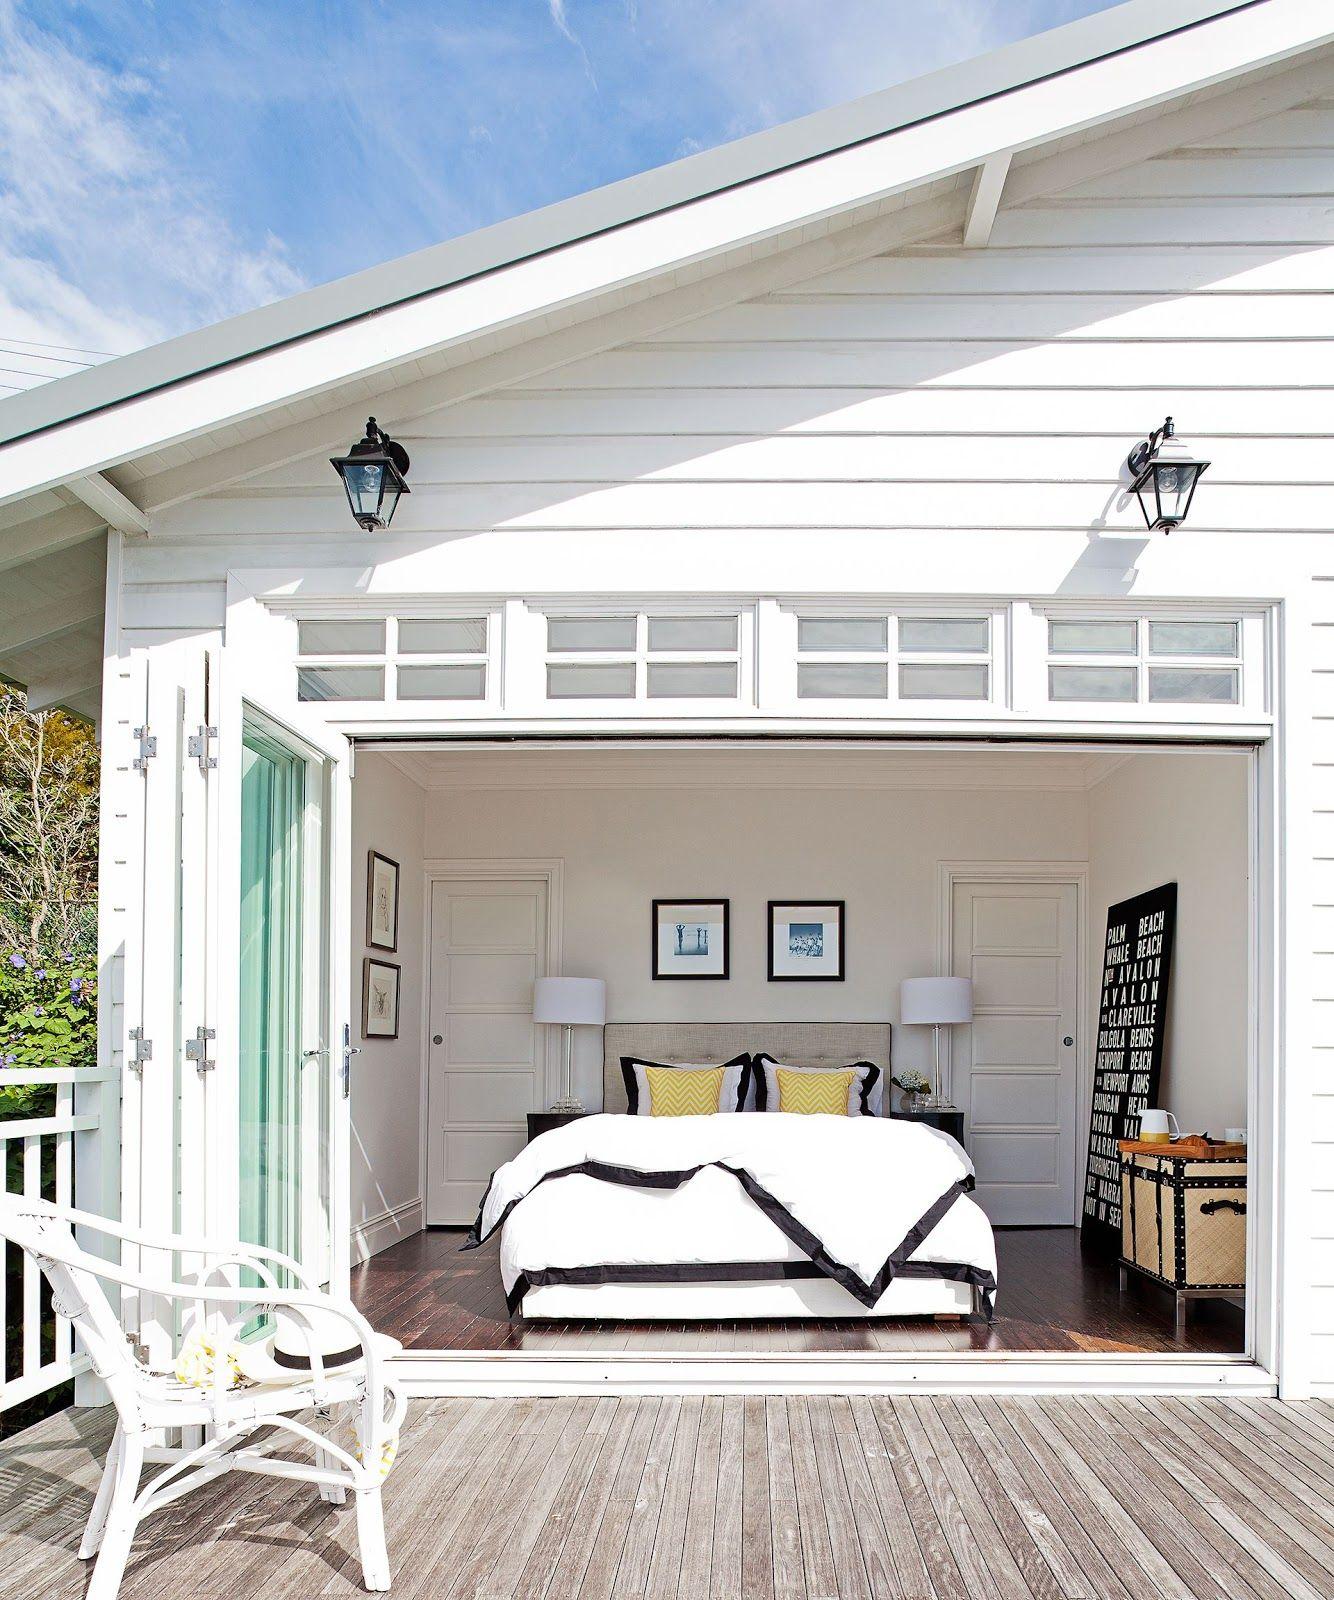 Hamptons Inspired Luxury Home Master Bedroom Robeson: Master Bedroom Inspired By The Hamptons. Garage Door